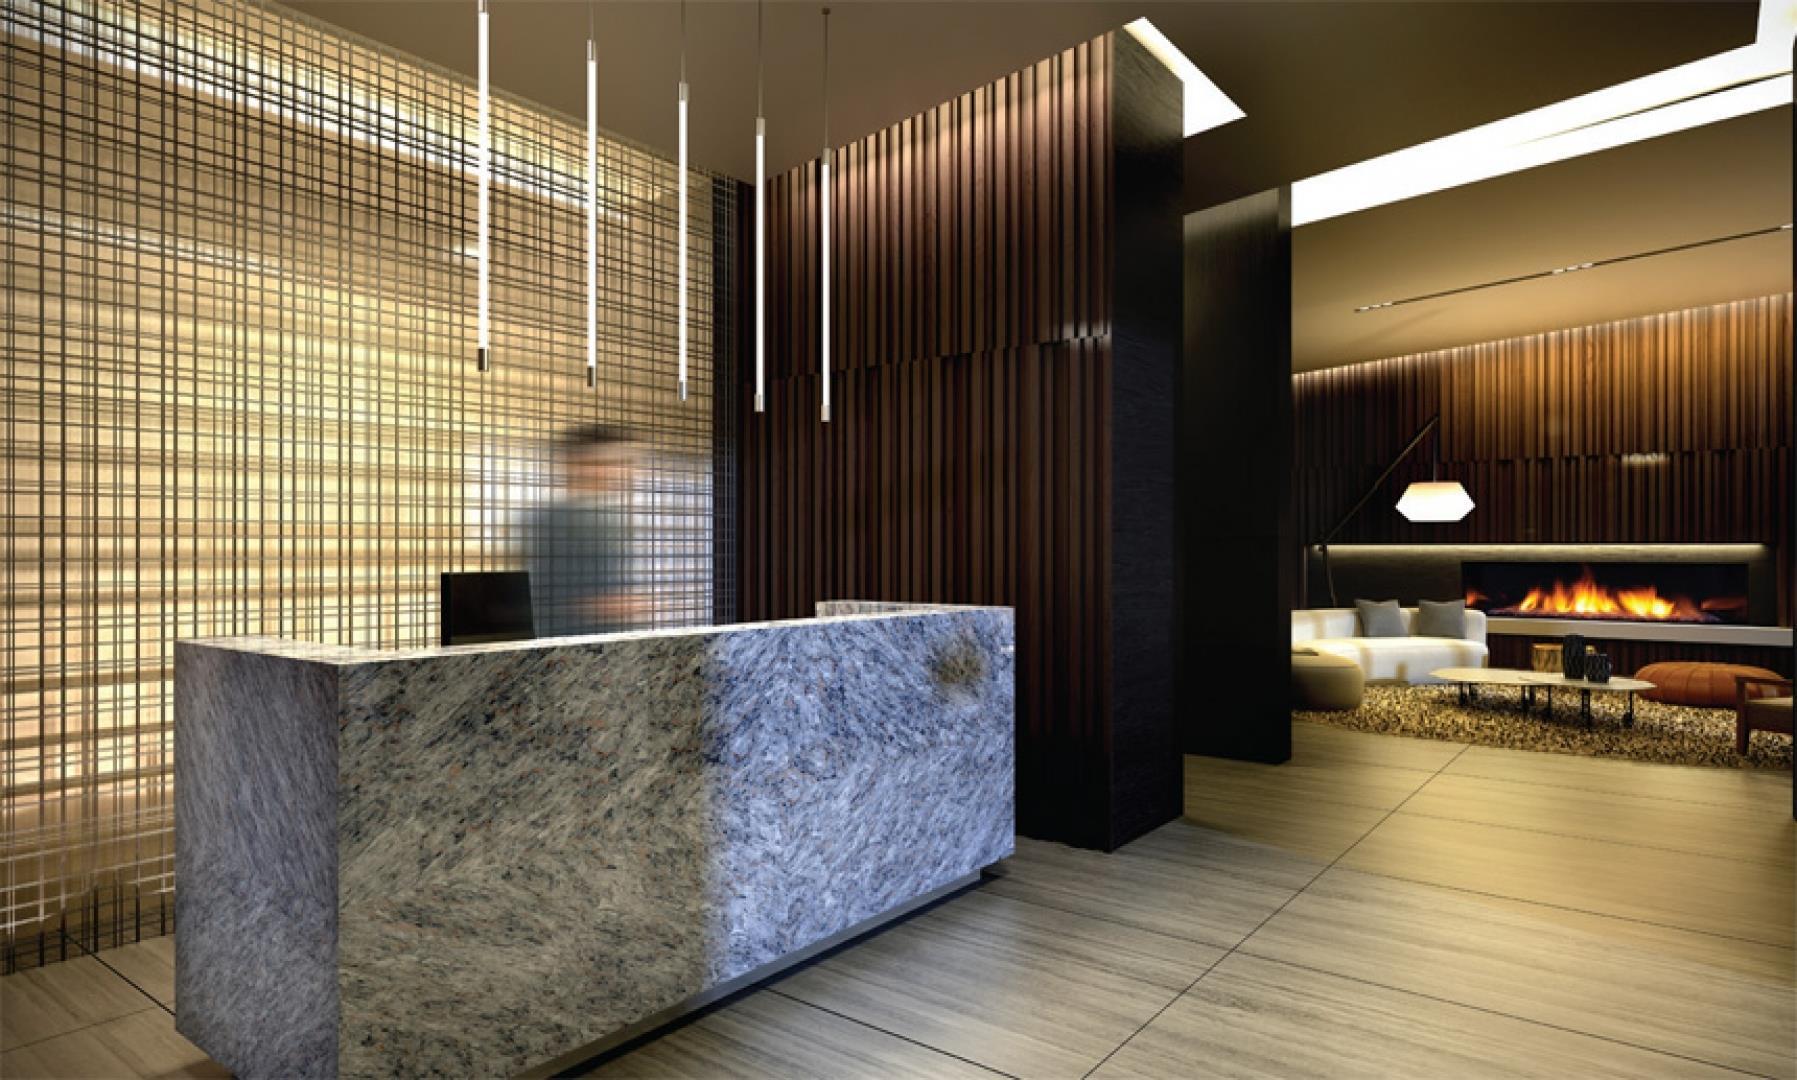 The Eglinton Condos Concierge Toronto, Canada